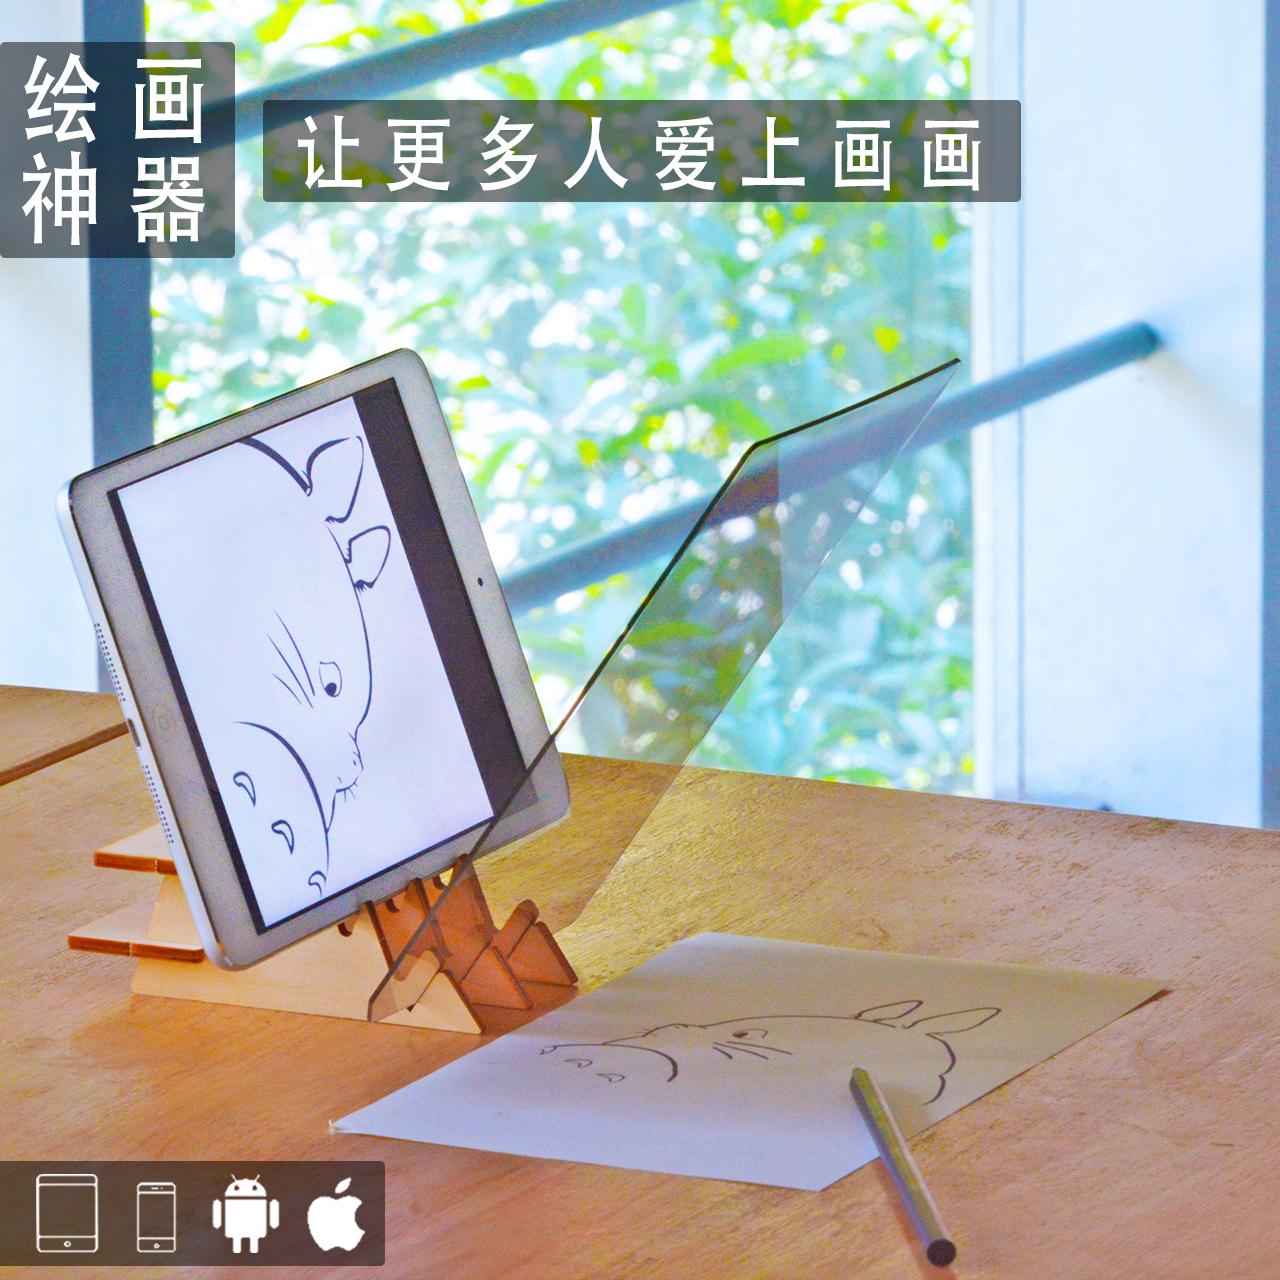 Анимация рука счет эскиз живопись начиная нулю фонд статьи набор инструментов лицо копия линия черновик материал шаблон артефакт